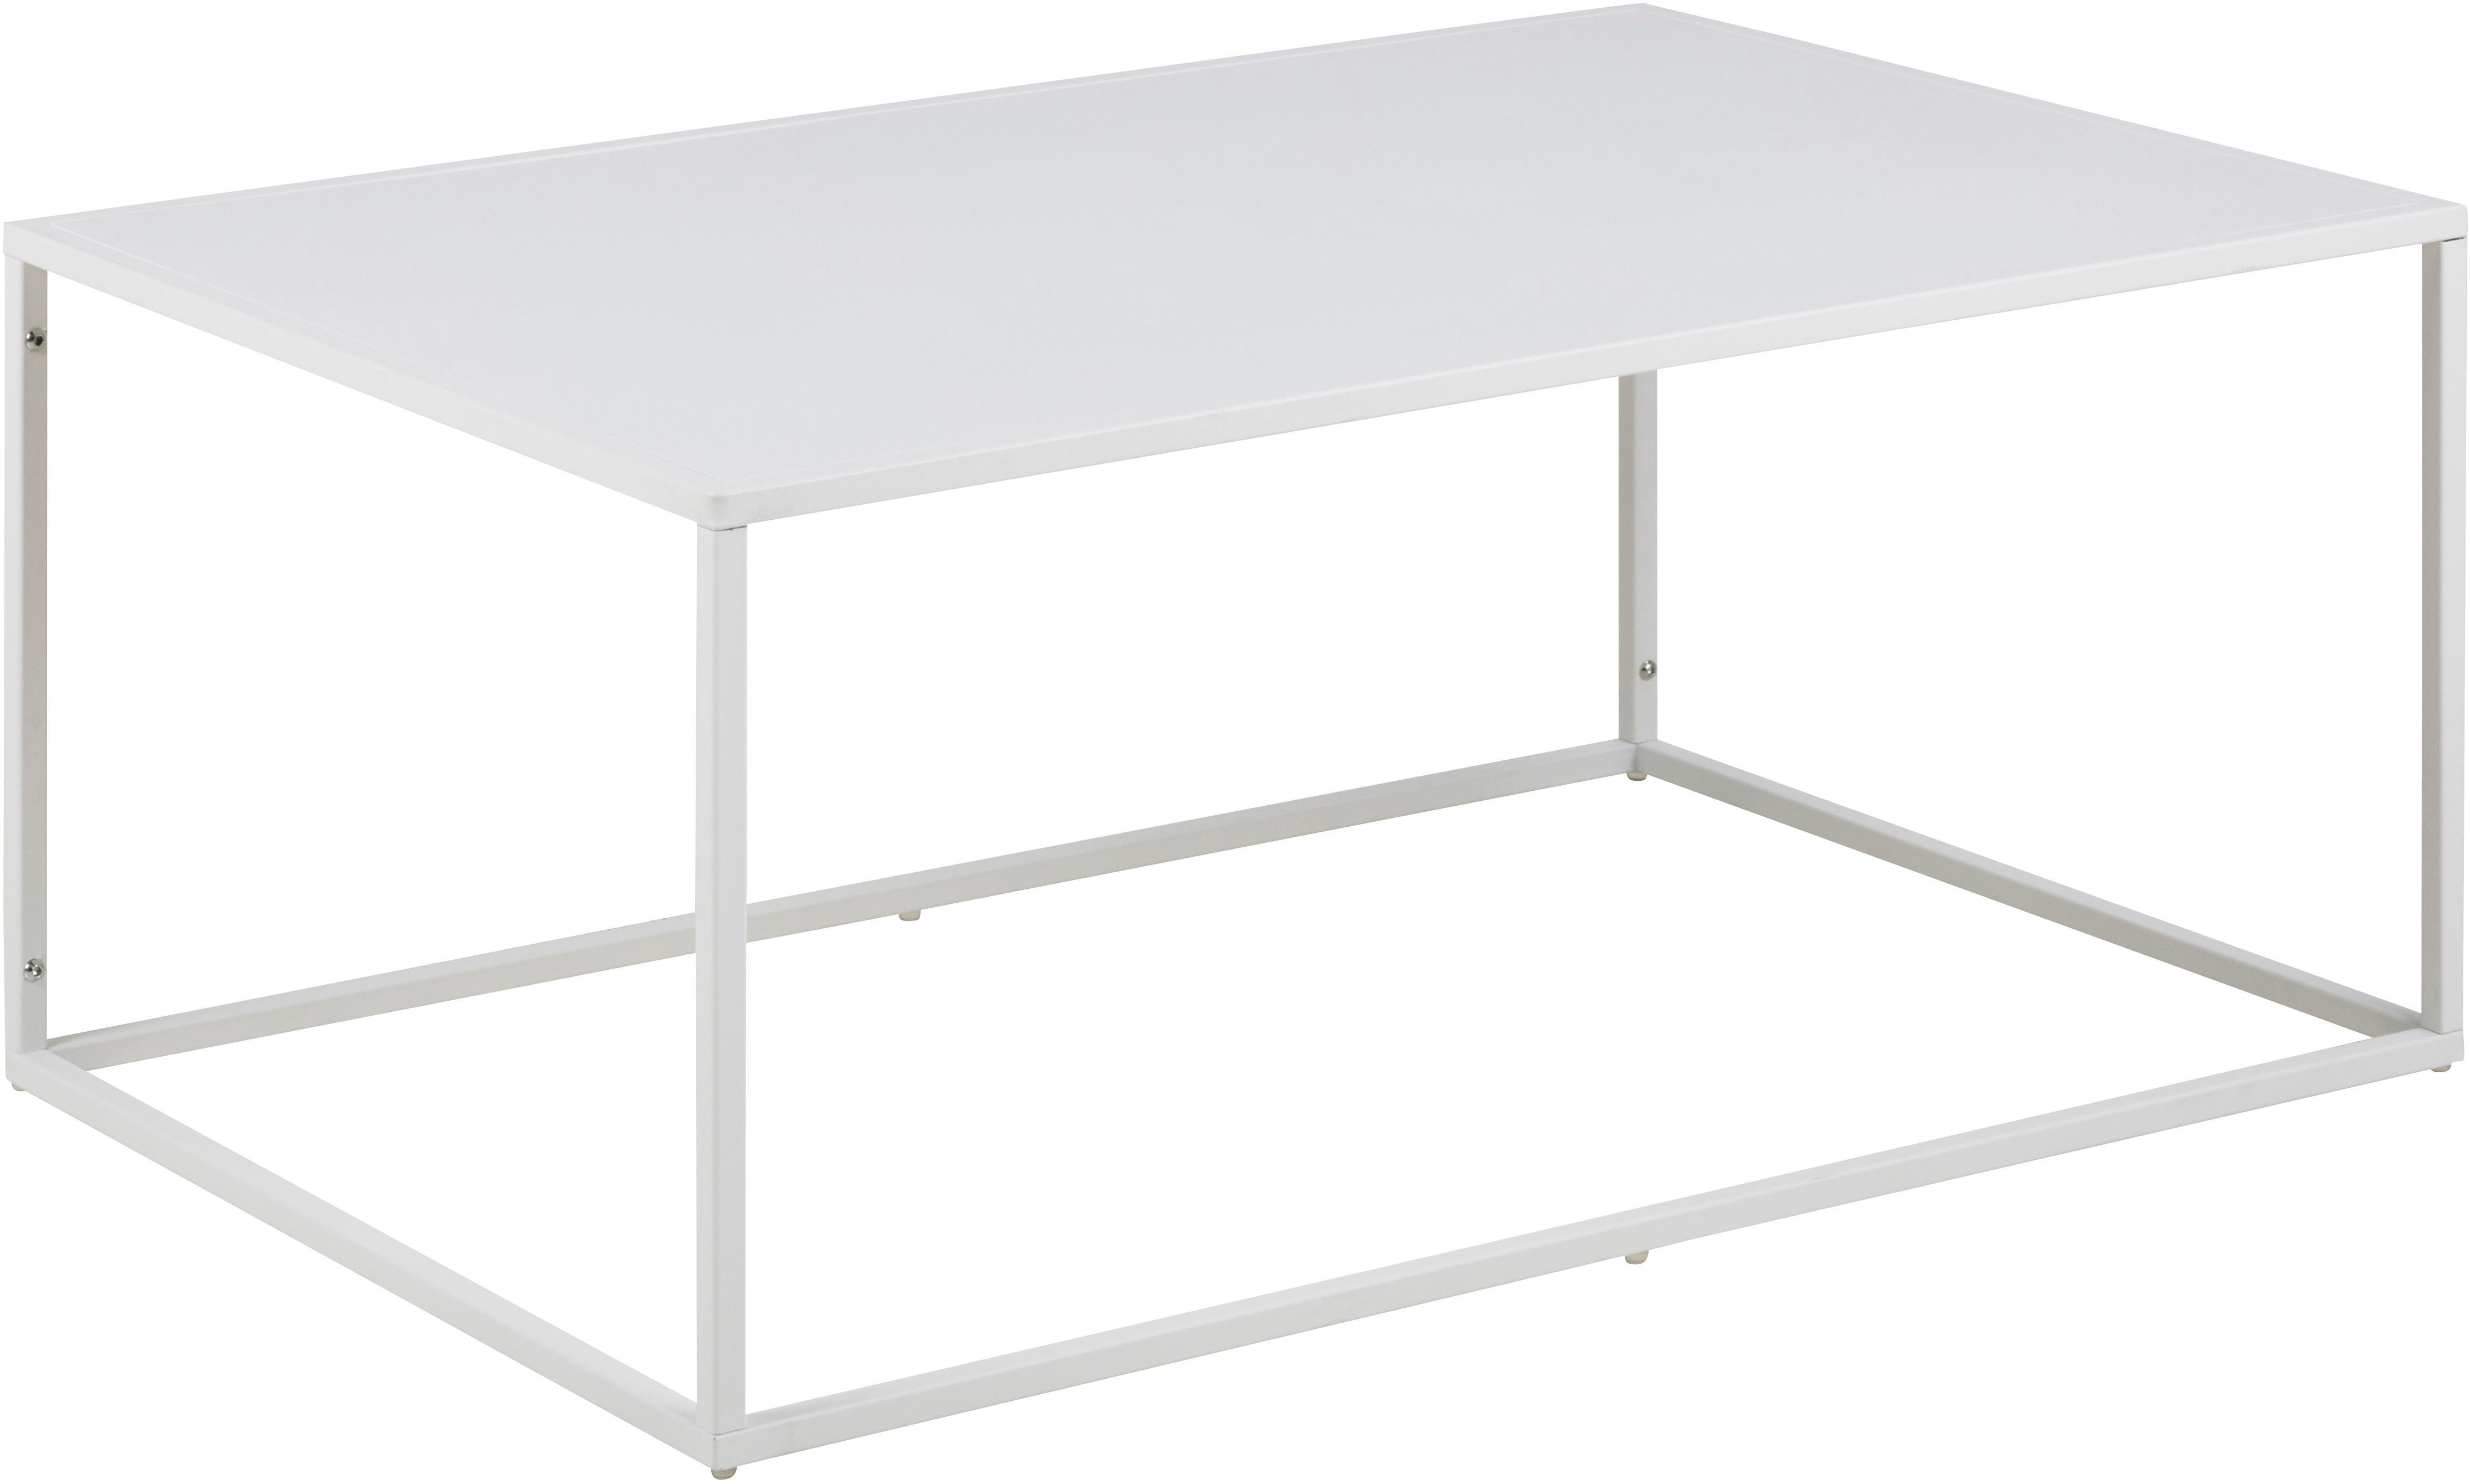 Stolik kawowy Newton, Metal malowany proszkowo, Biały, S 90 x G 60 cm